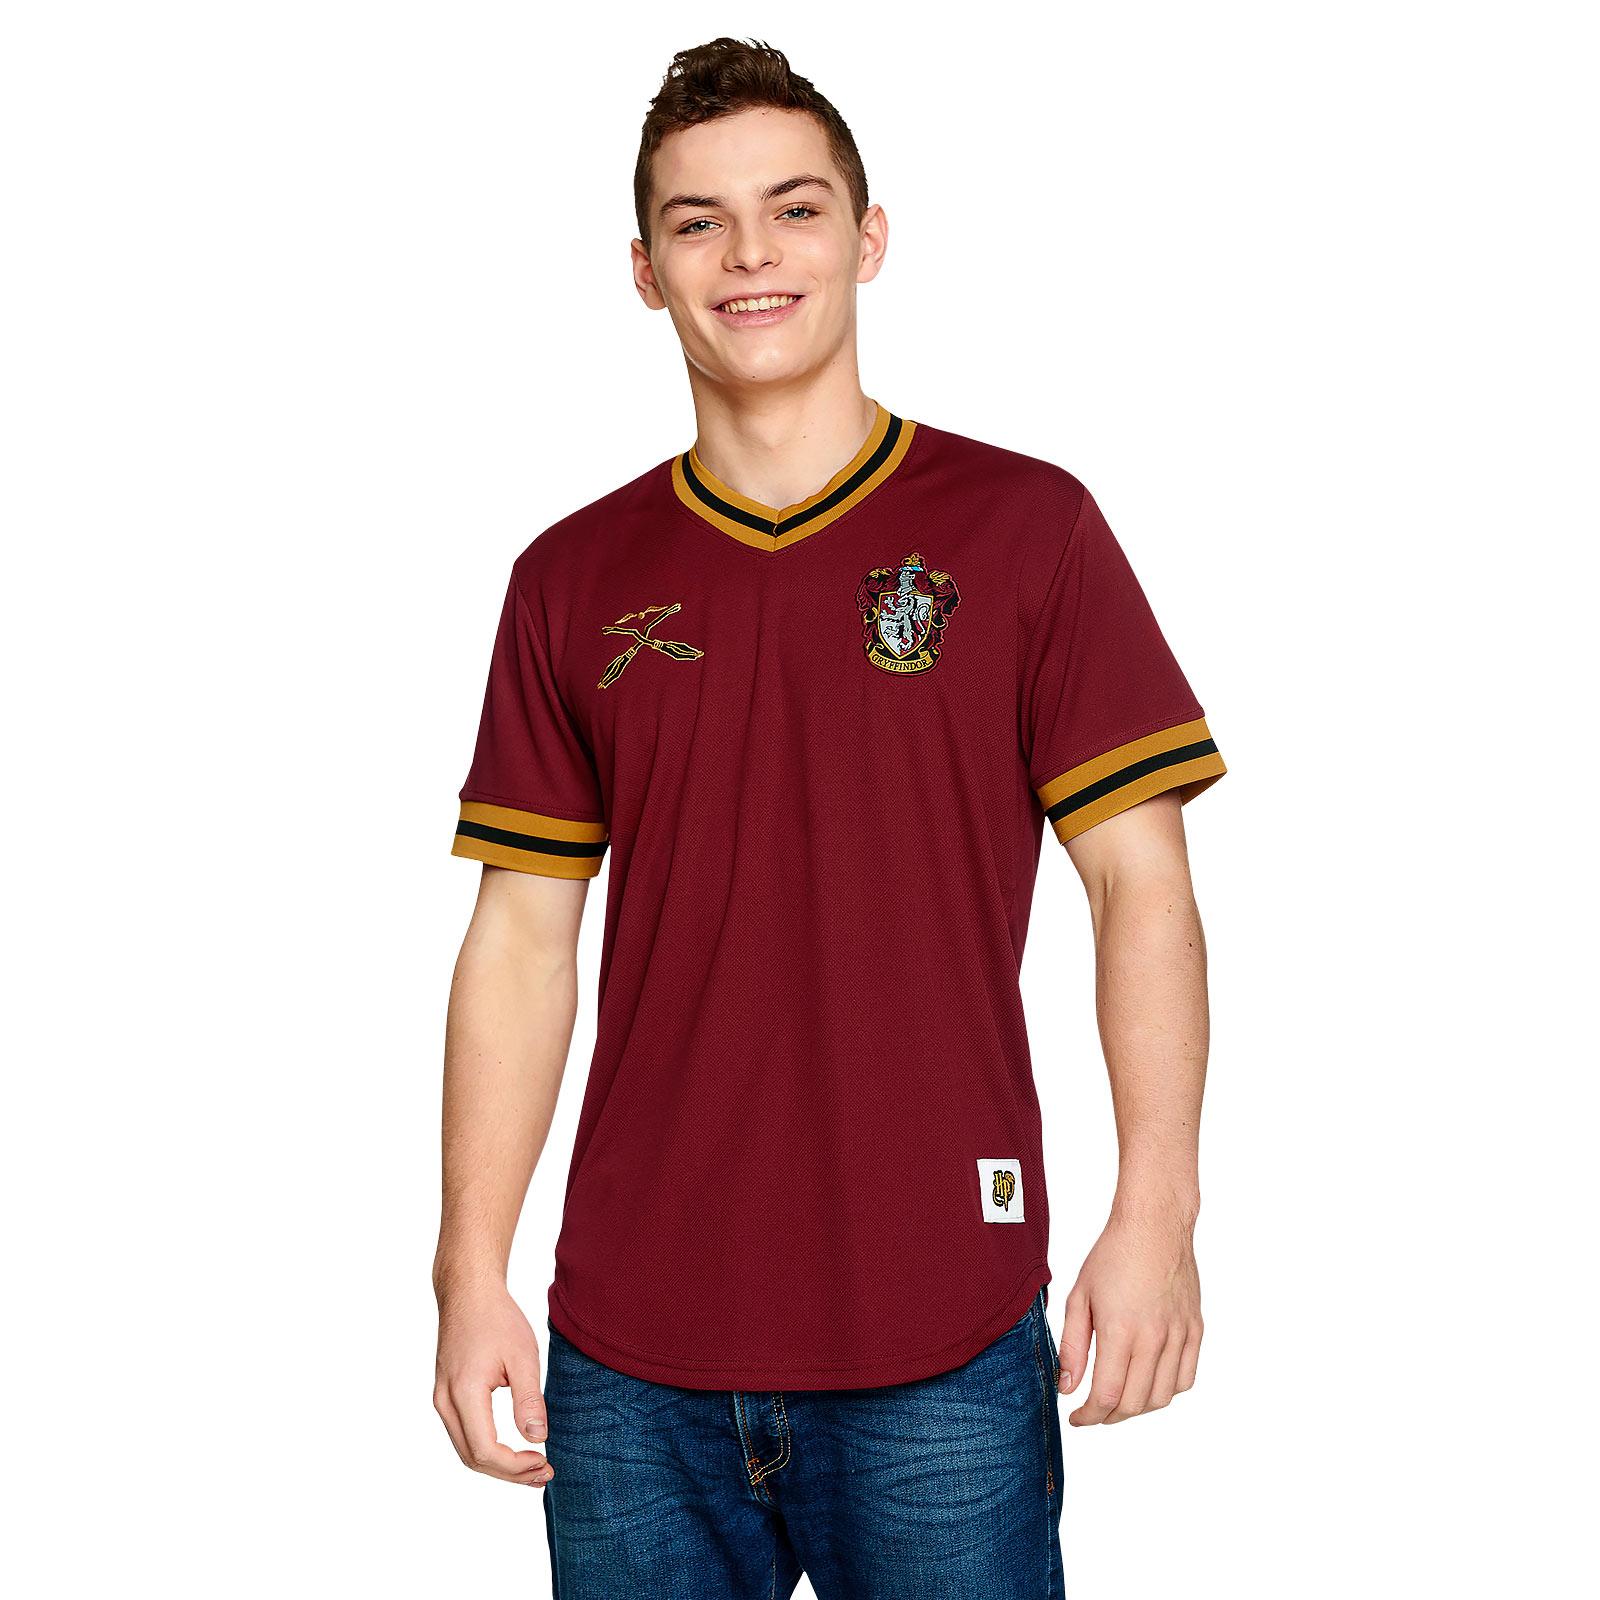 Harry Potter - Quidditch Team Gryffindor T-Shirt